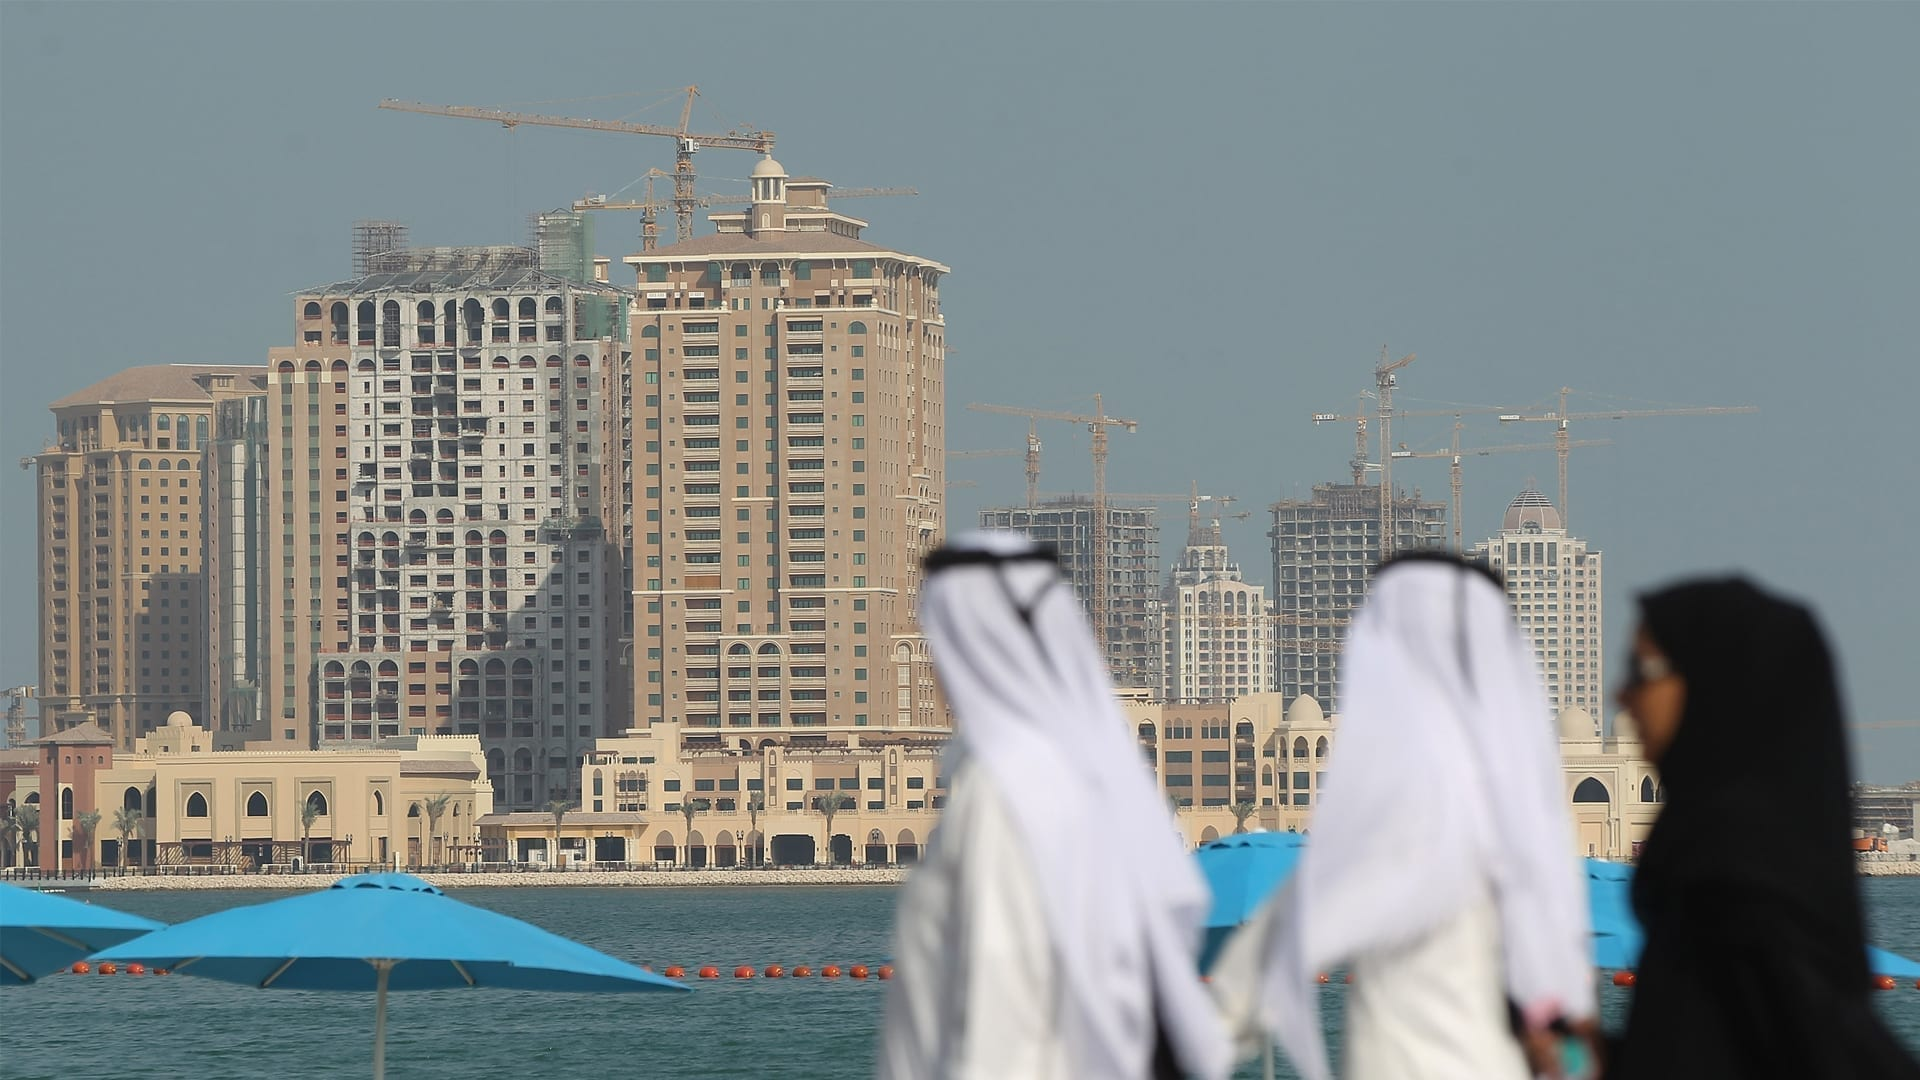 تفاقم الأزمات التي تواجه الاقتصاد الإماراتي مع زيادة انتشار وباء